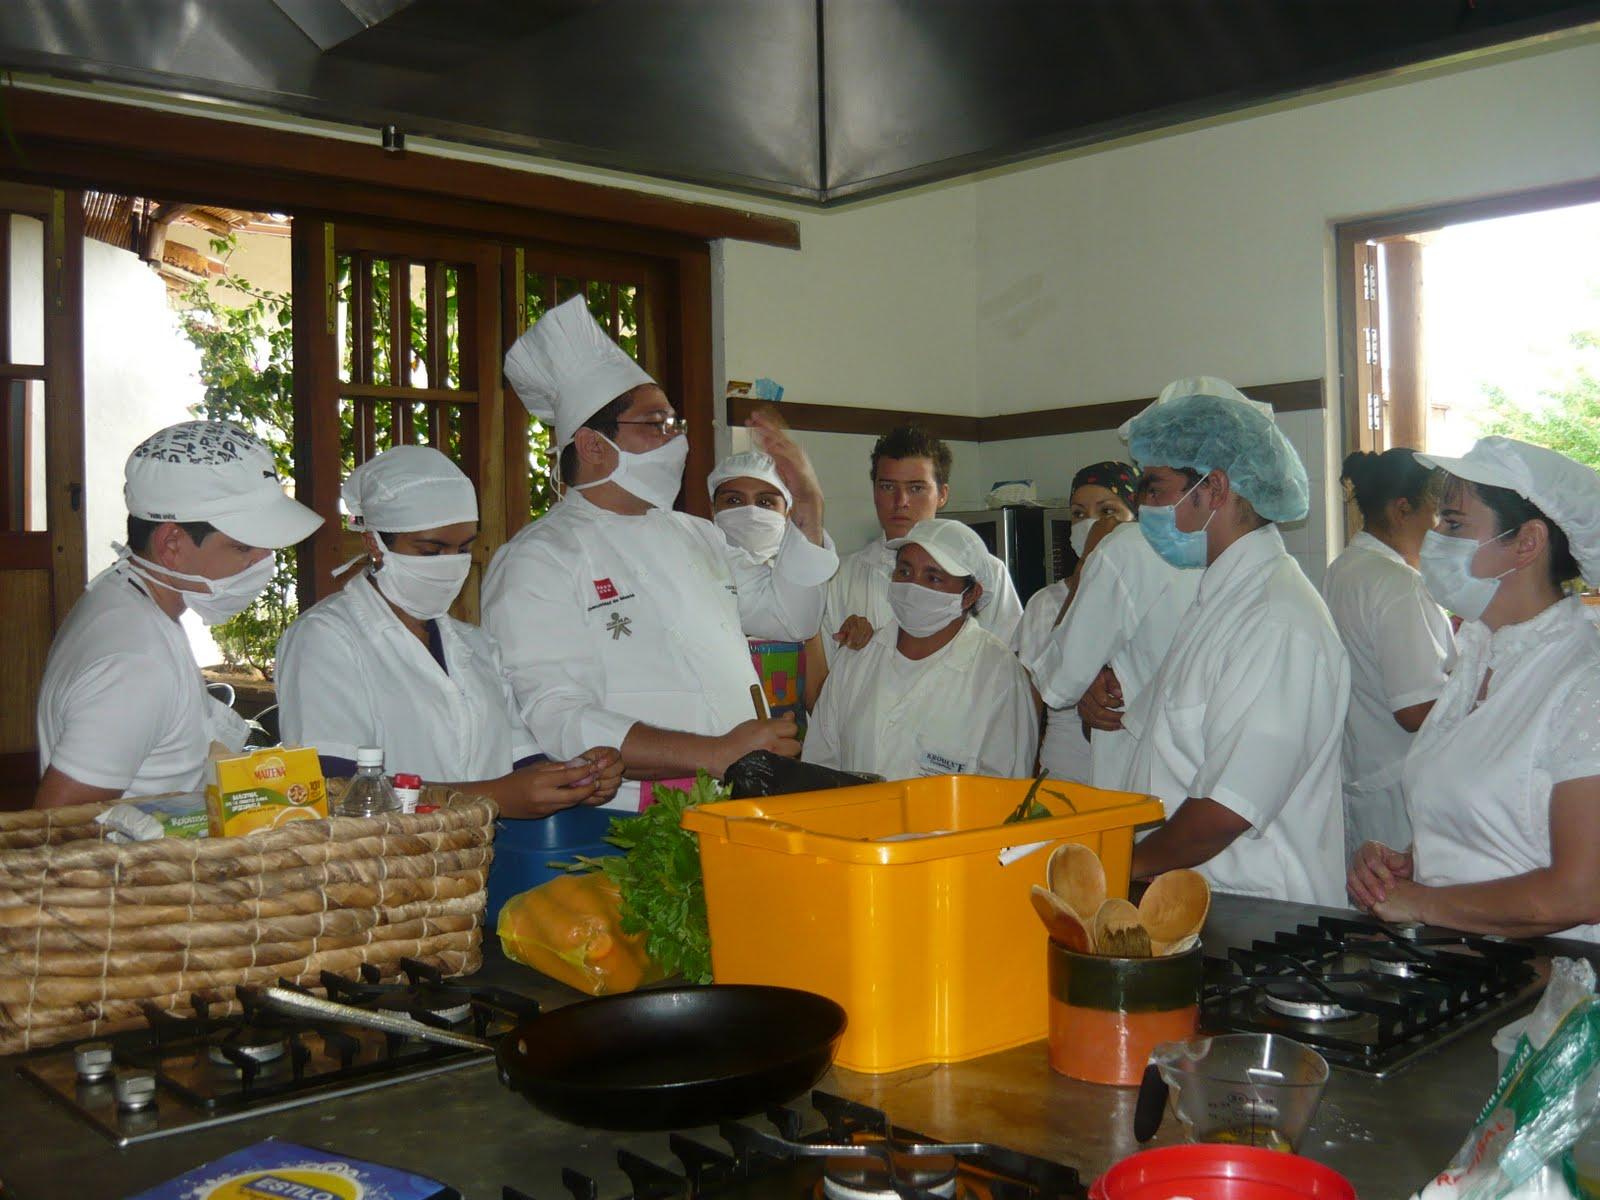 Tecnico en cocina 2010 - Tecnico en cocina y gastronomia ...